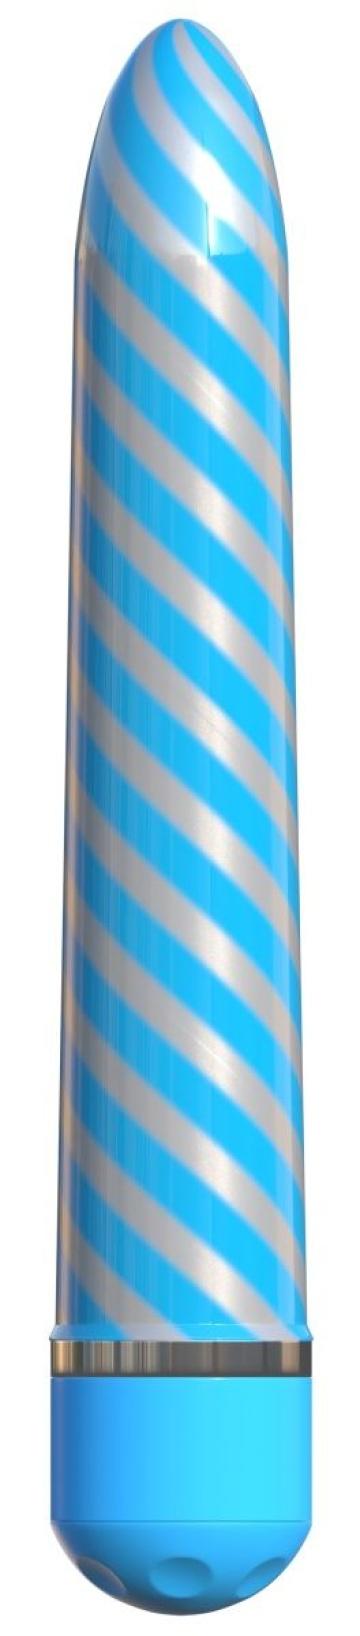 Голубой вибратор Sweet Swirl Vibrator - 21,3 см.